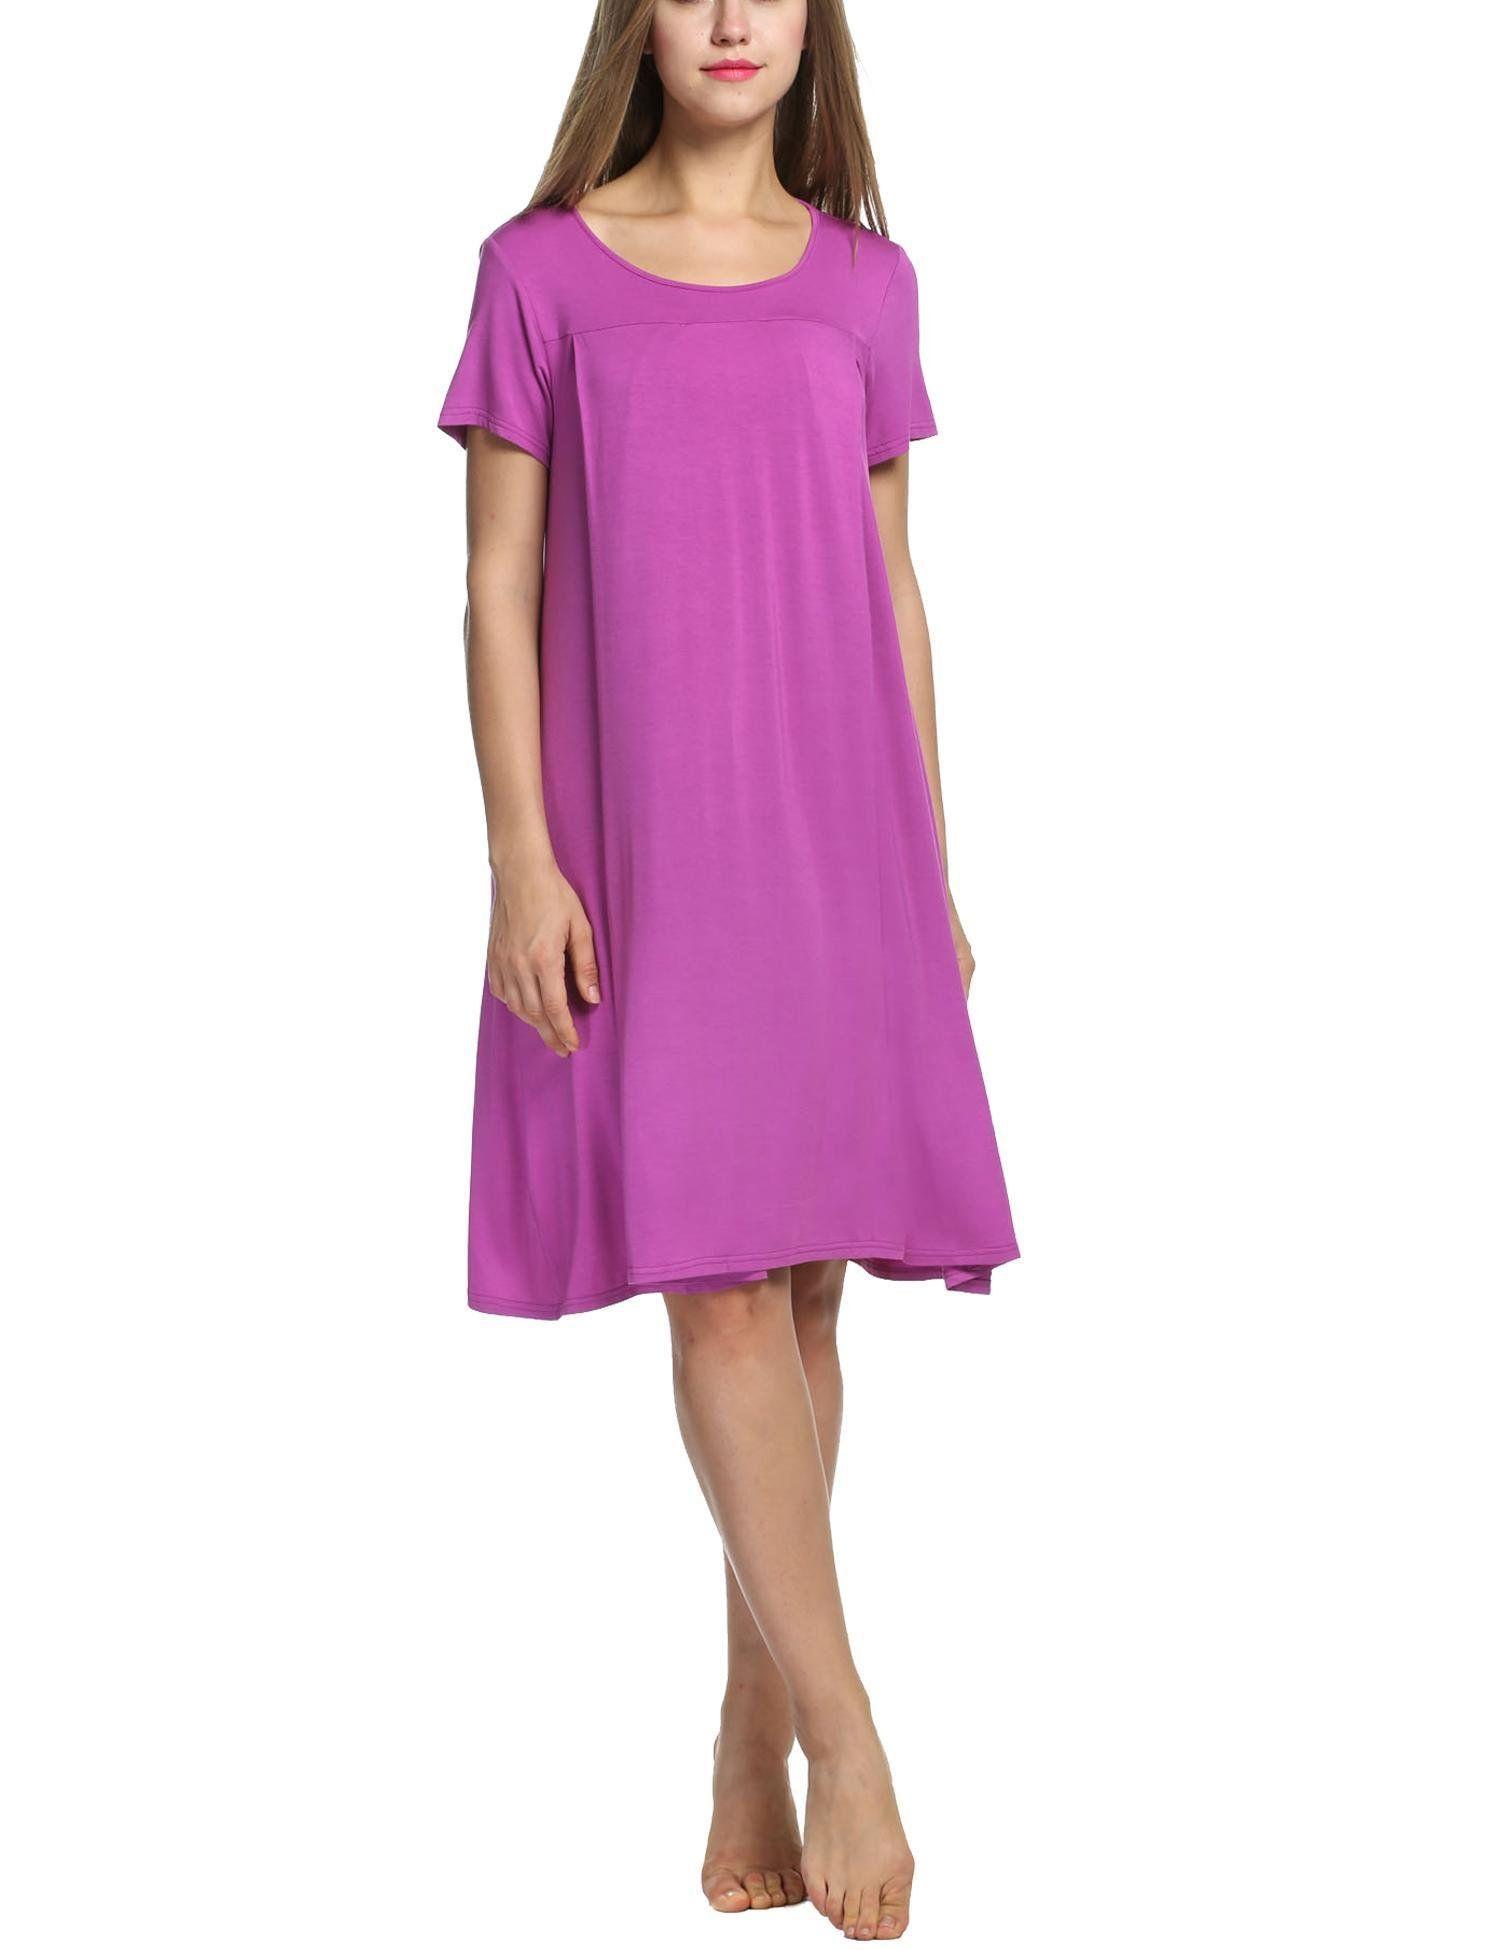 e1392b79b4d Maternity Dresses - Dorani Maternity Nursing Pajamas For Hospital ...